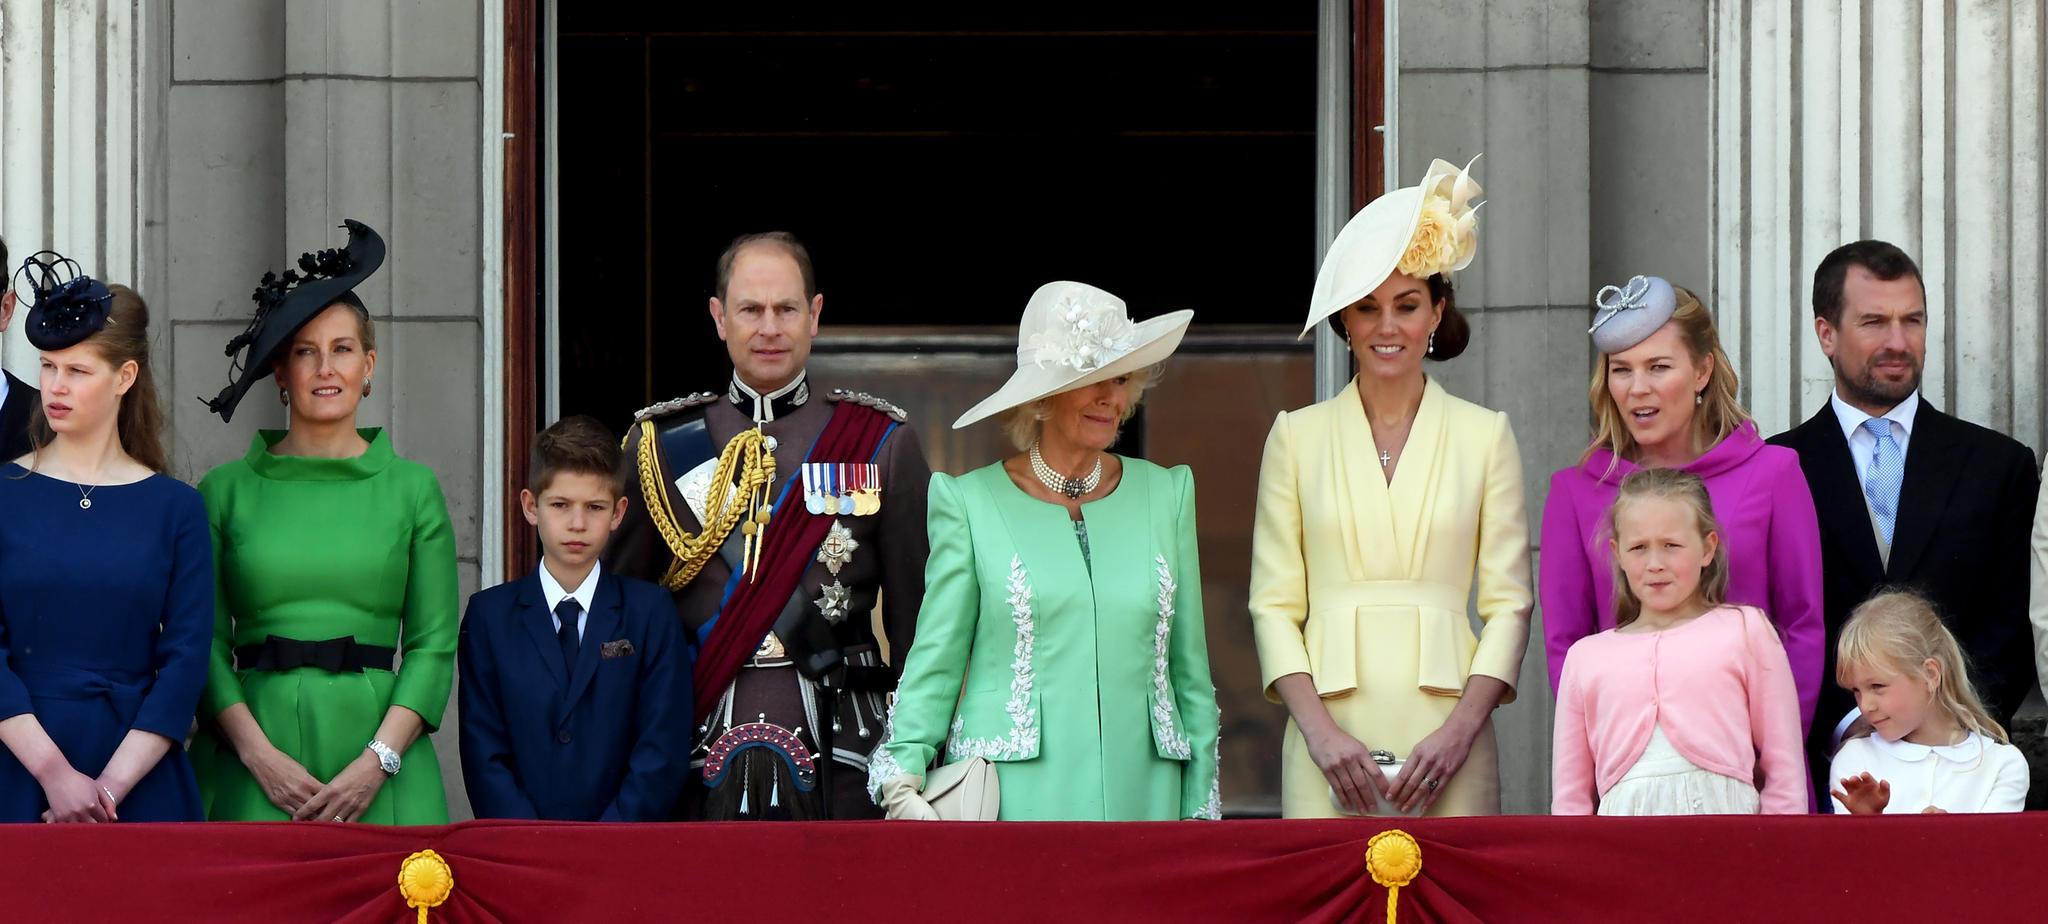 Lady Louise, Herzogin Sophie, James Viscount Severn und Prinz Edward stehen nur bei der Begrüßung der Queen in der ersten Reihe.